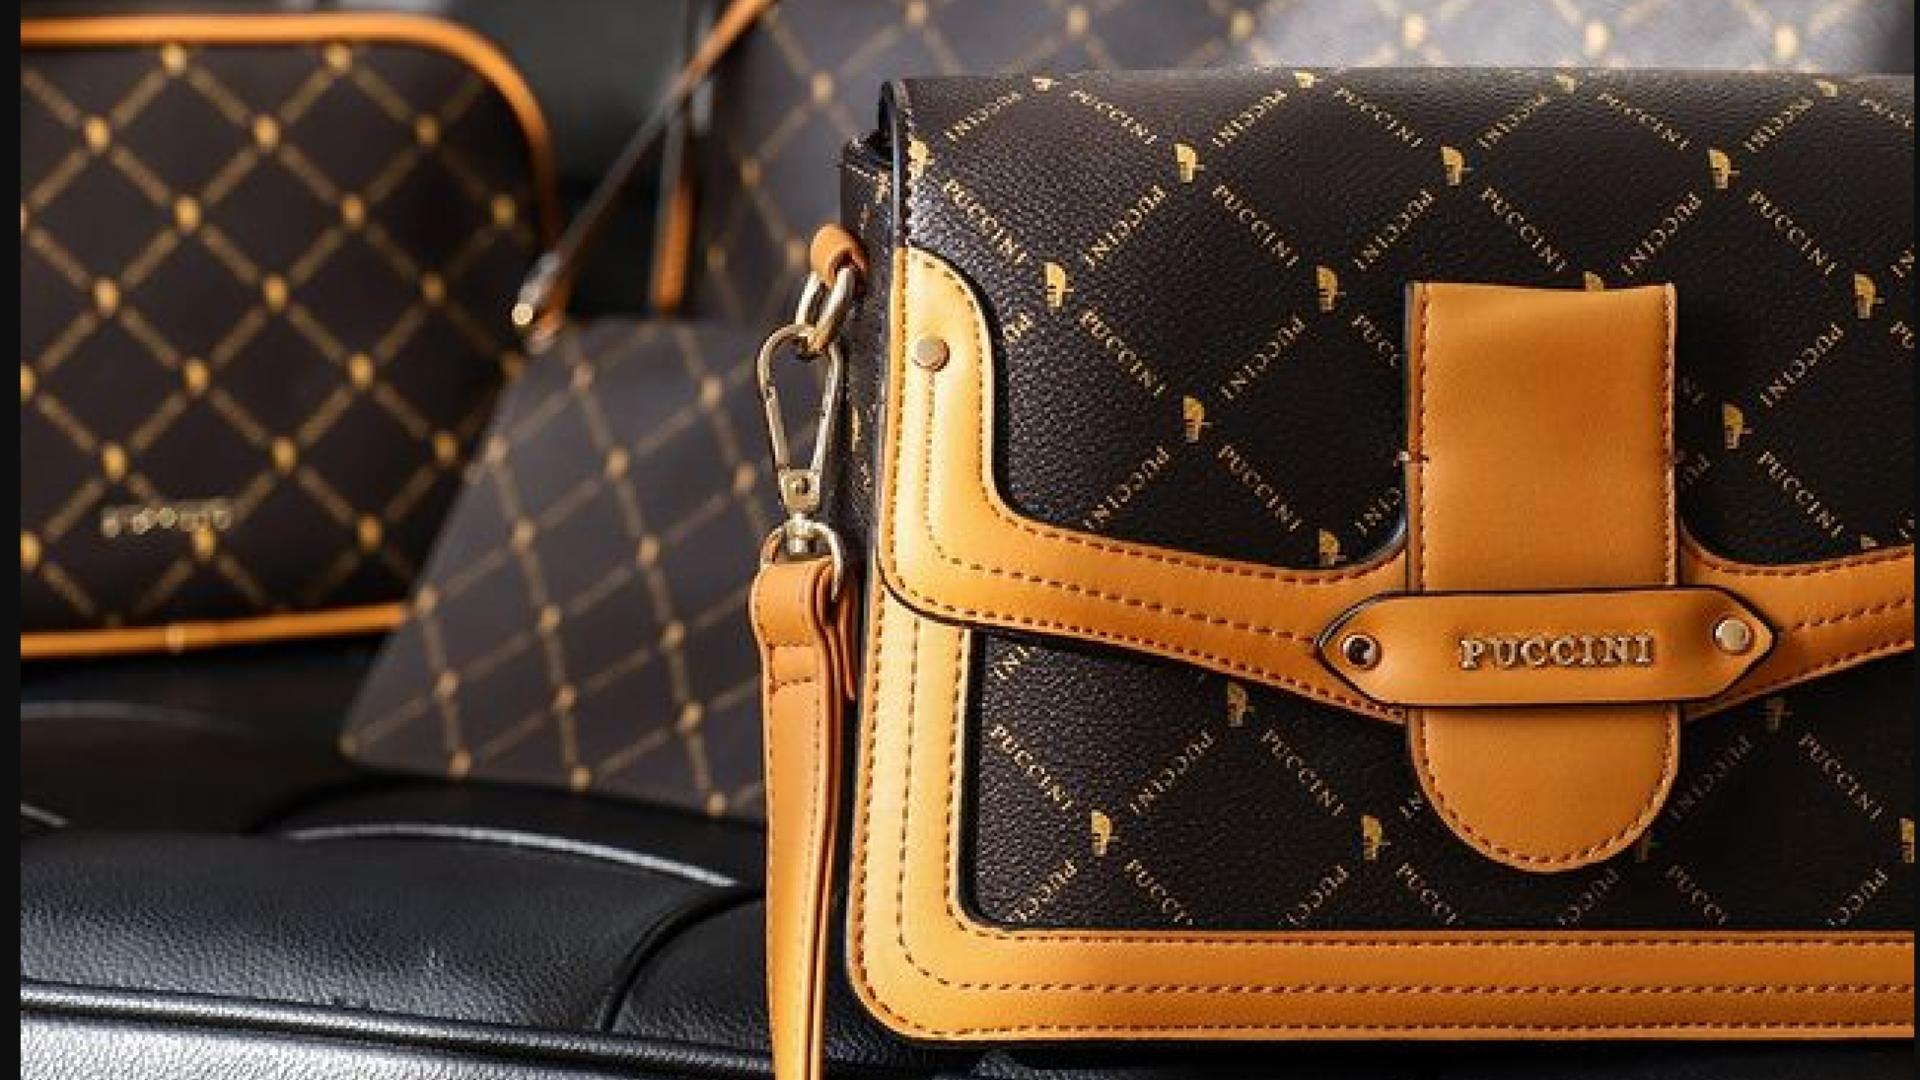 Te torebki są teraz najmodniejsze. Poznaj trendy na 2021 rok!